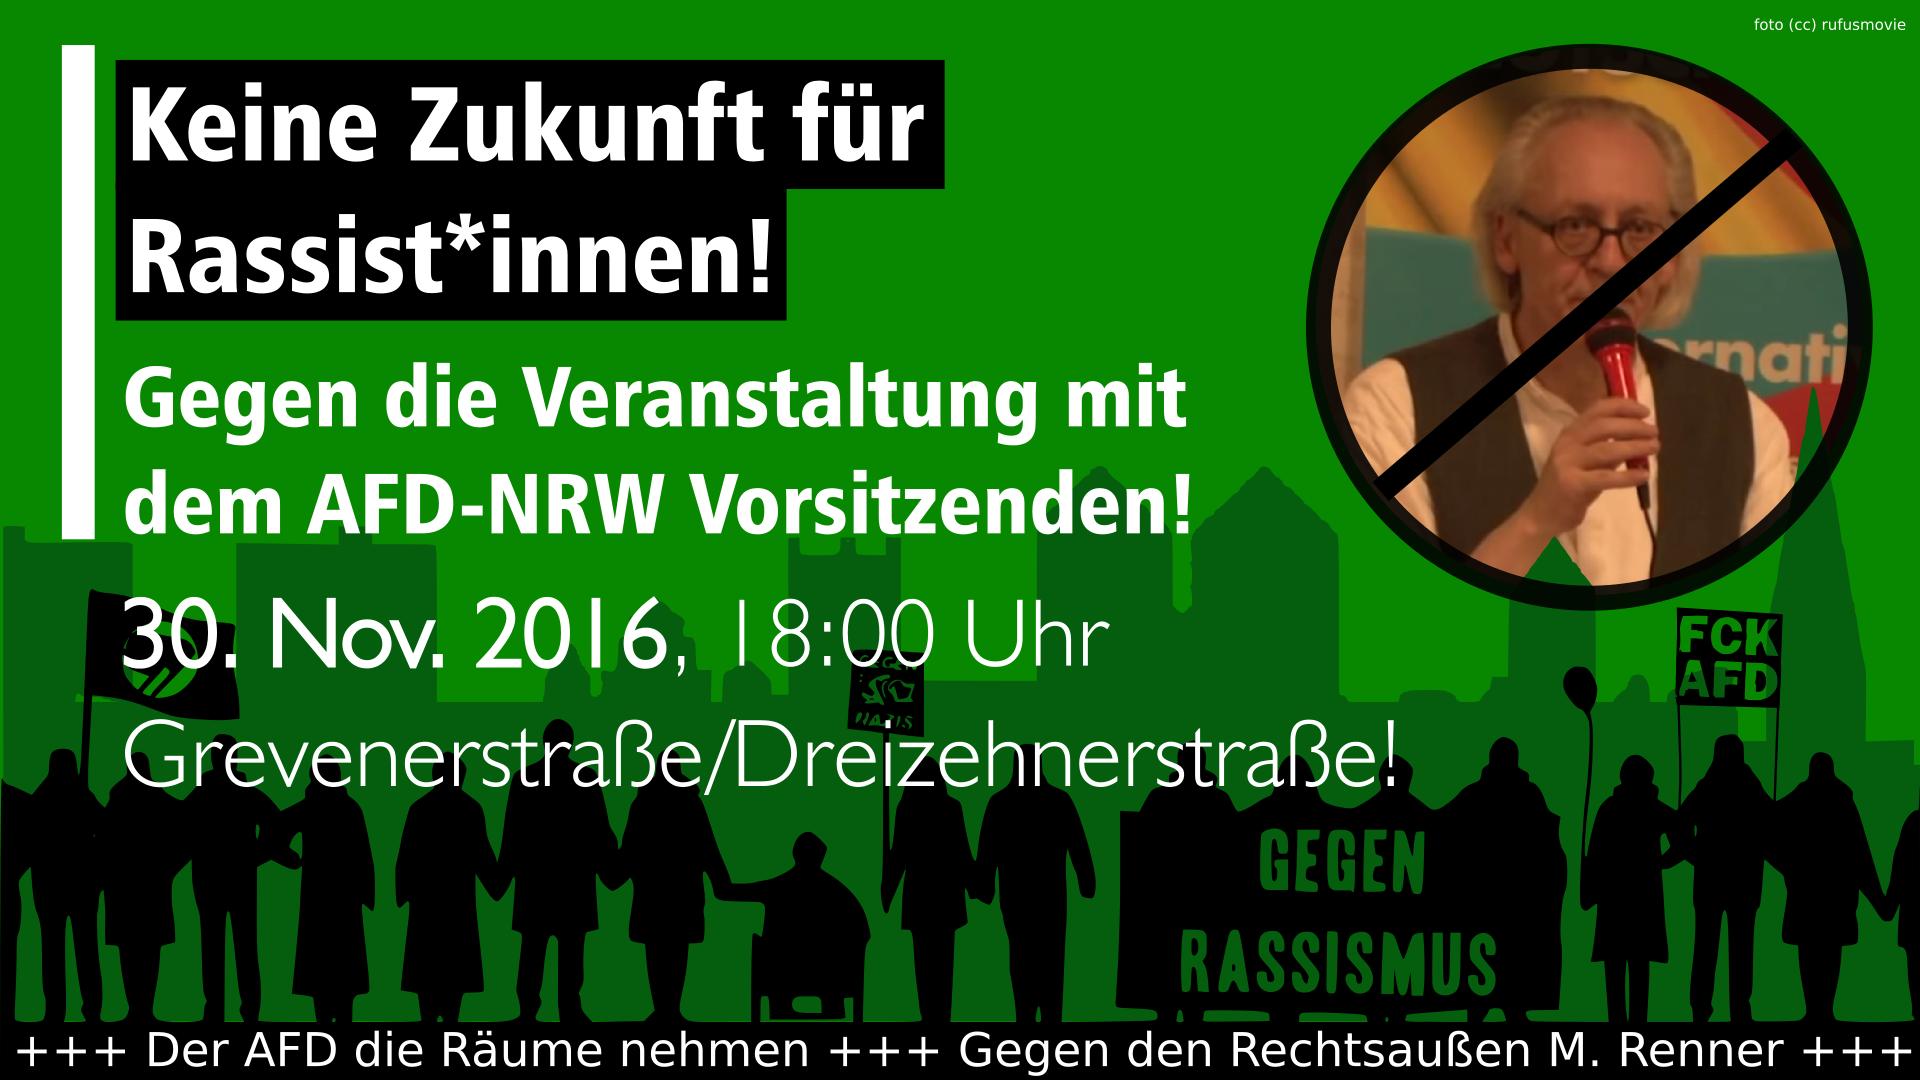 Am 30.11 gegen Martin Renner in der Grevenerstraße!